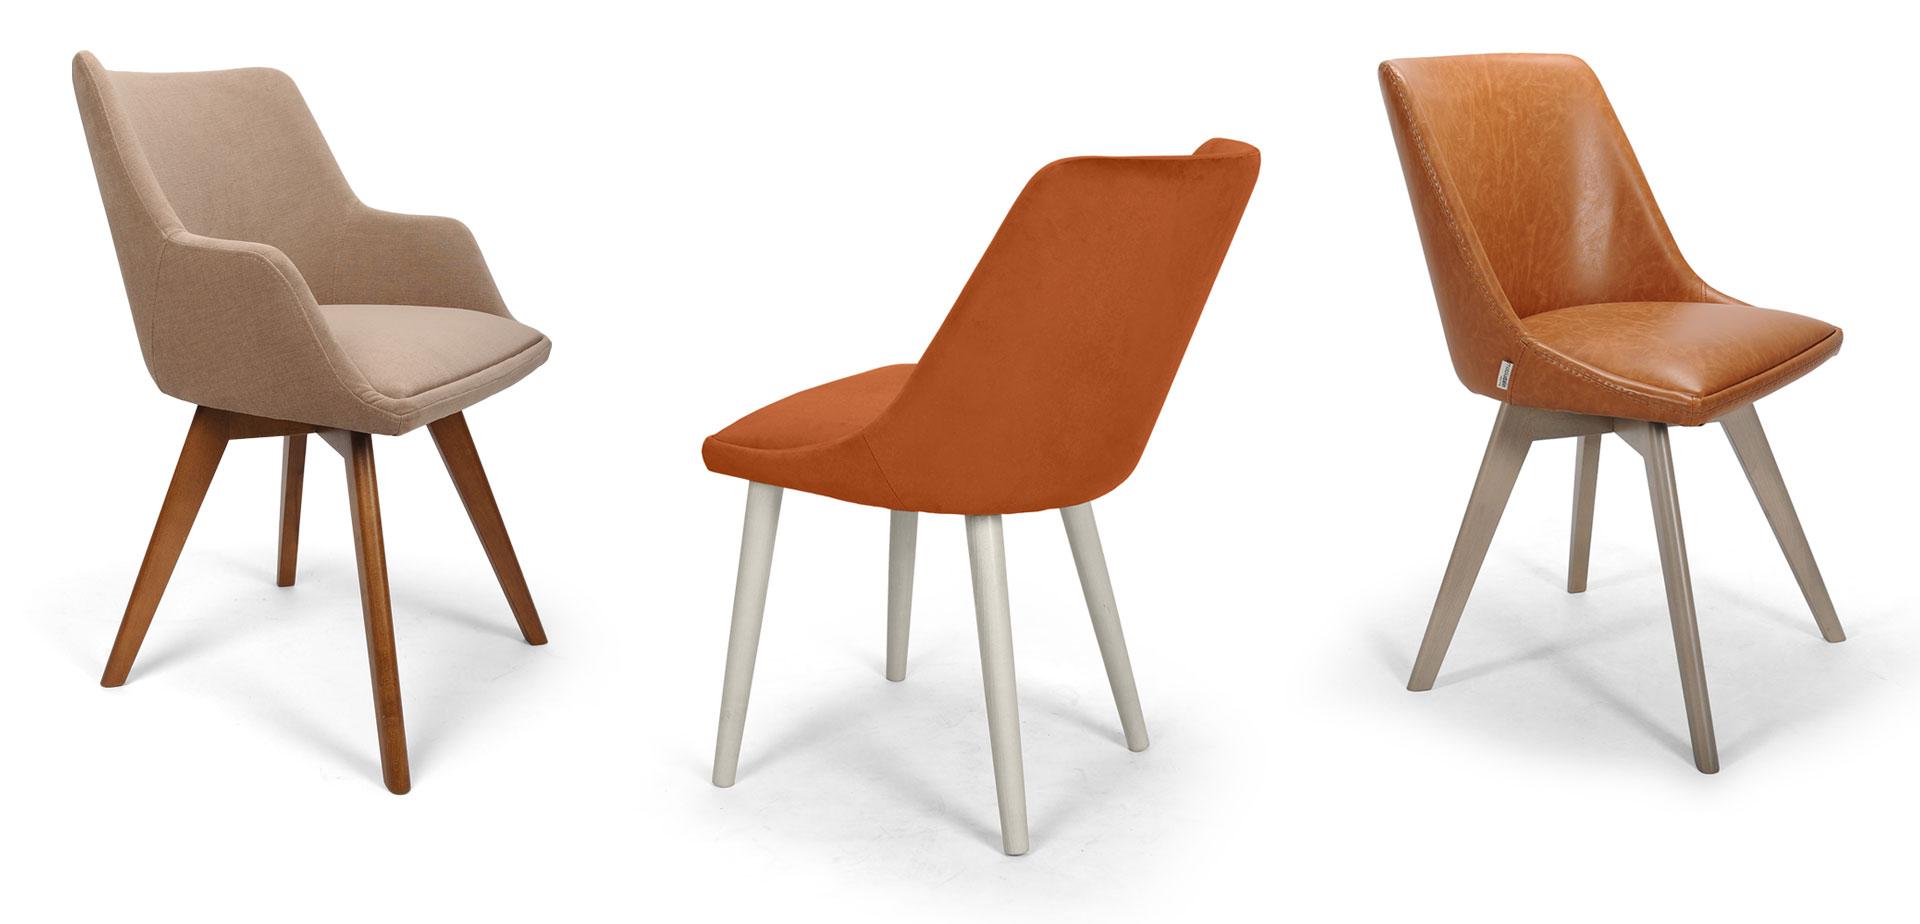 alberta-scaun-03.jpg